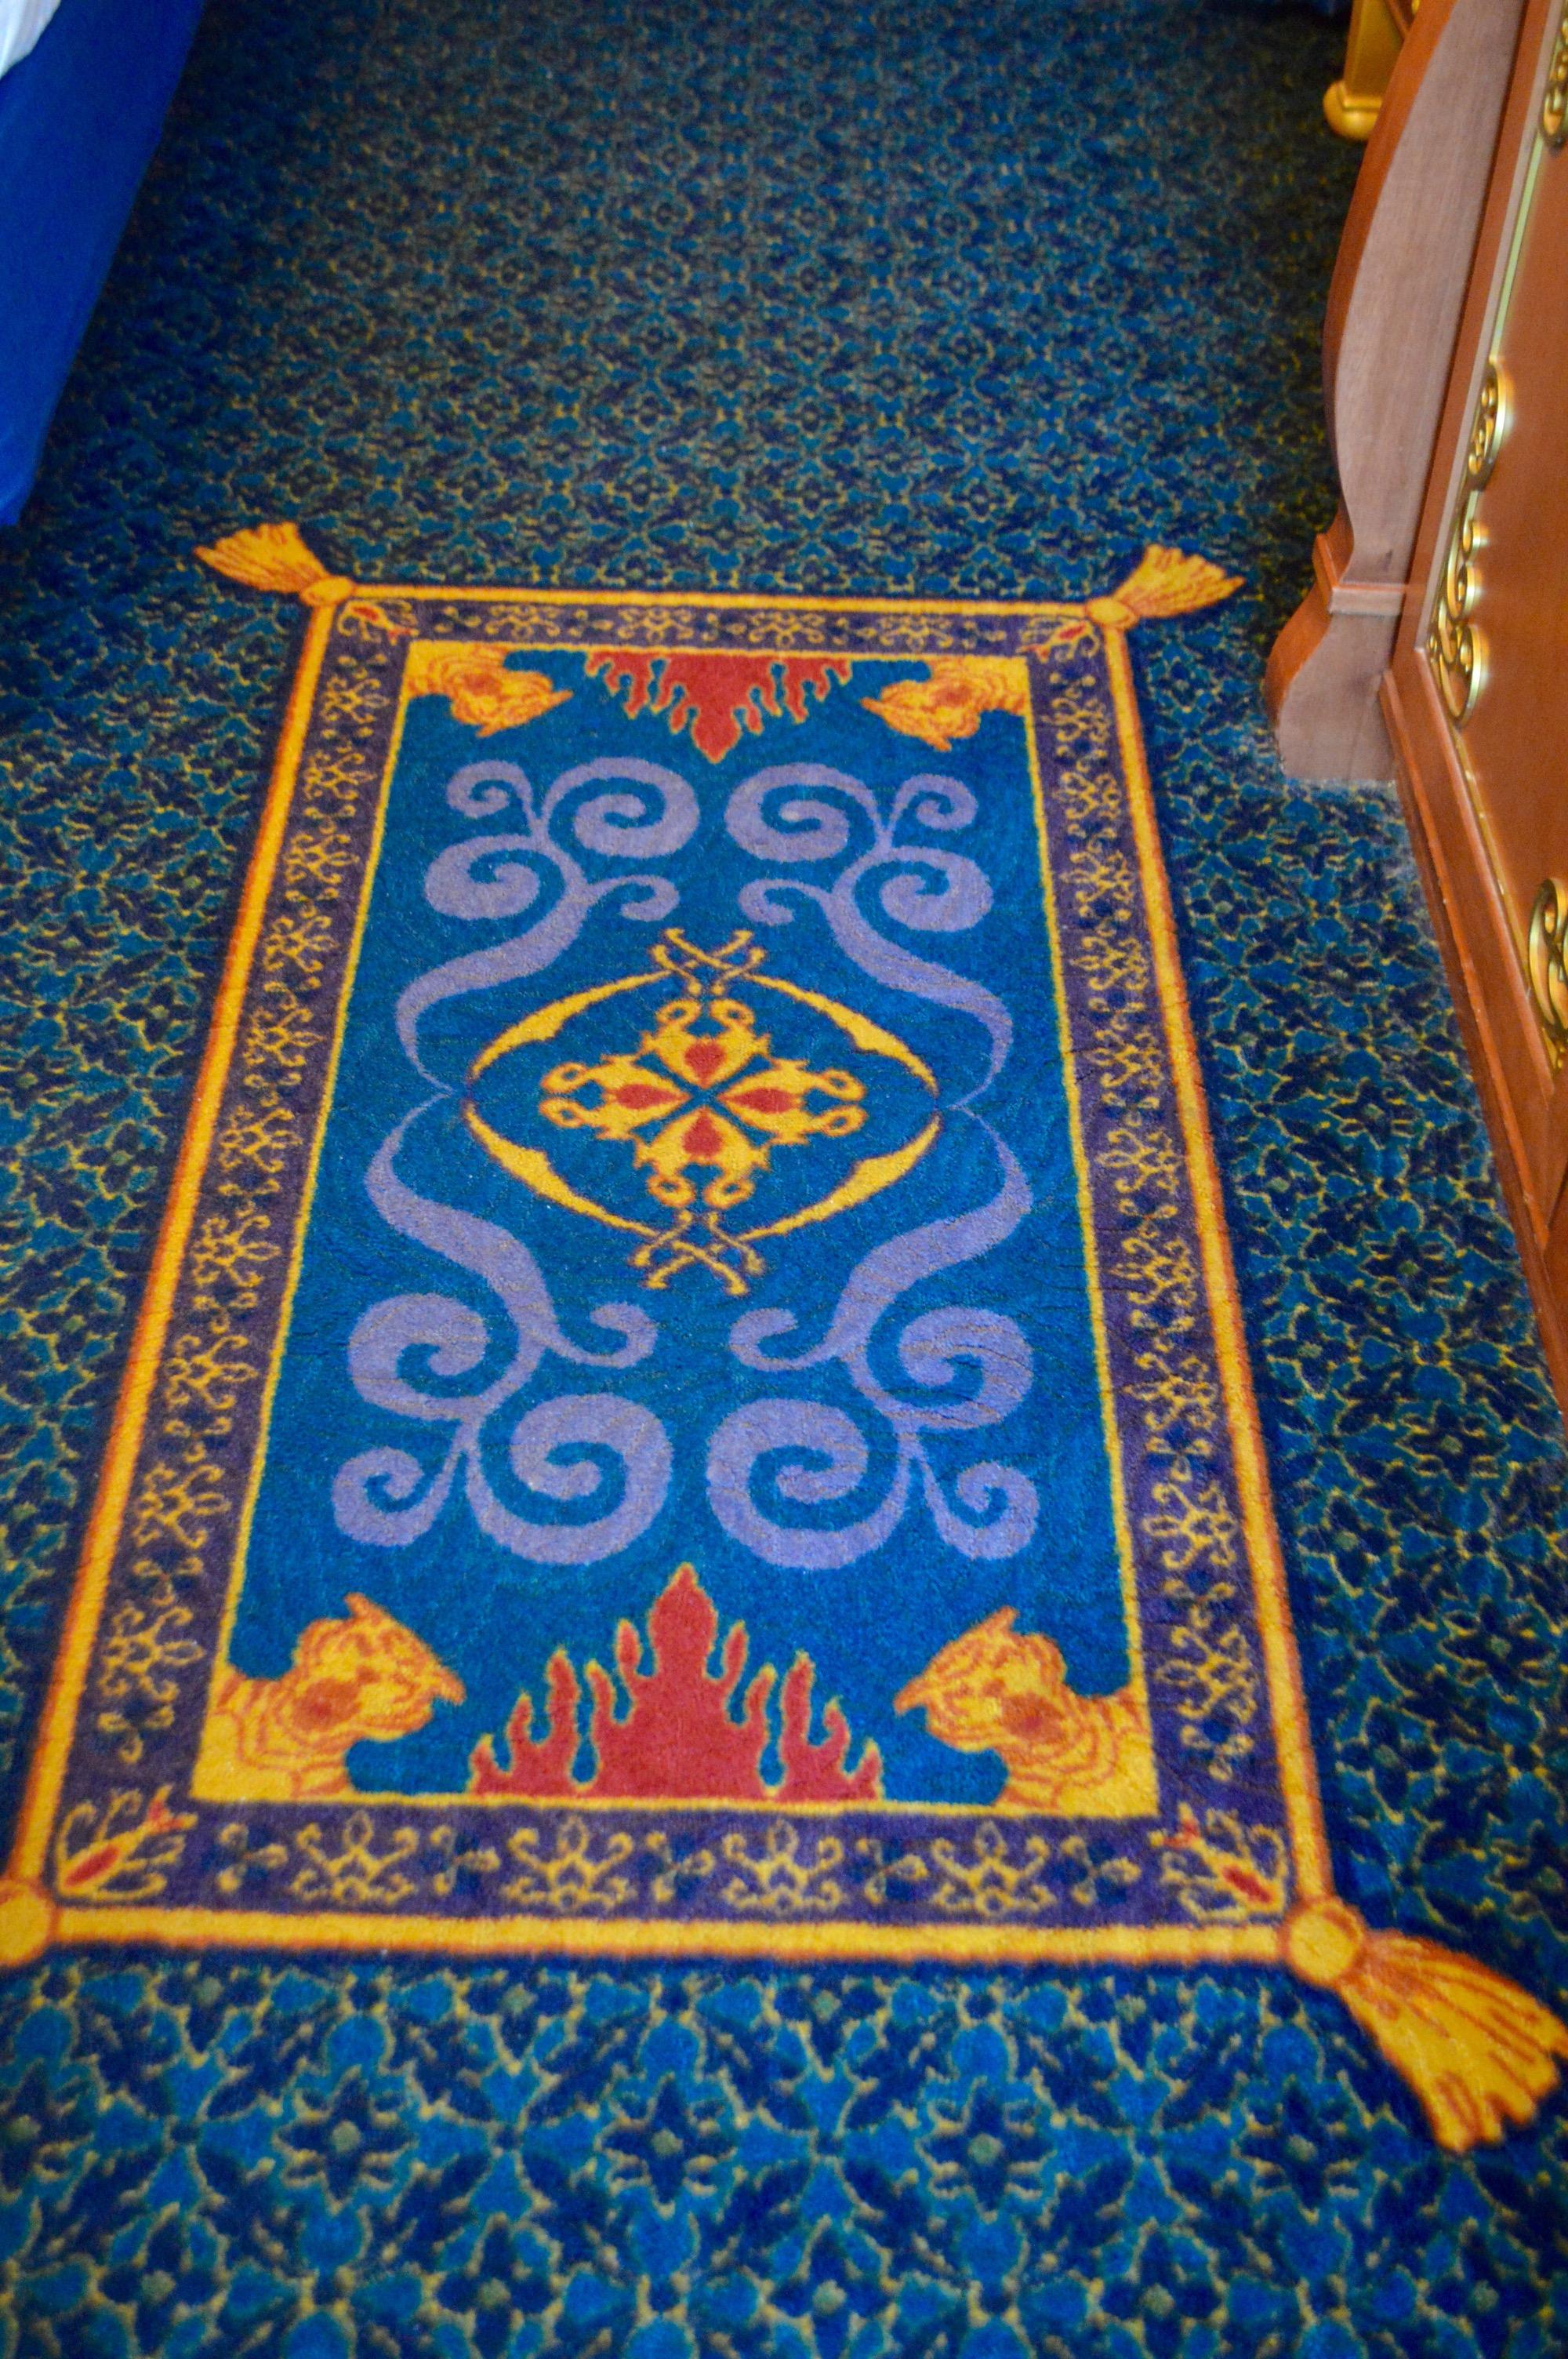 Royal Rooms At Walt Disney World Sparklyeverafter Com